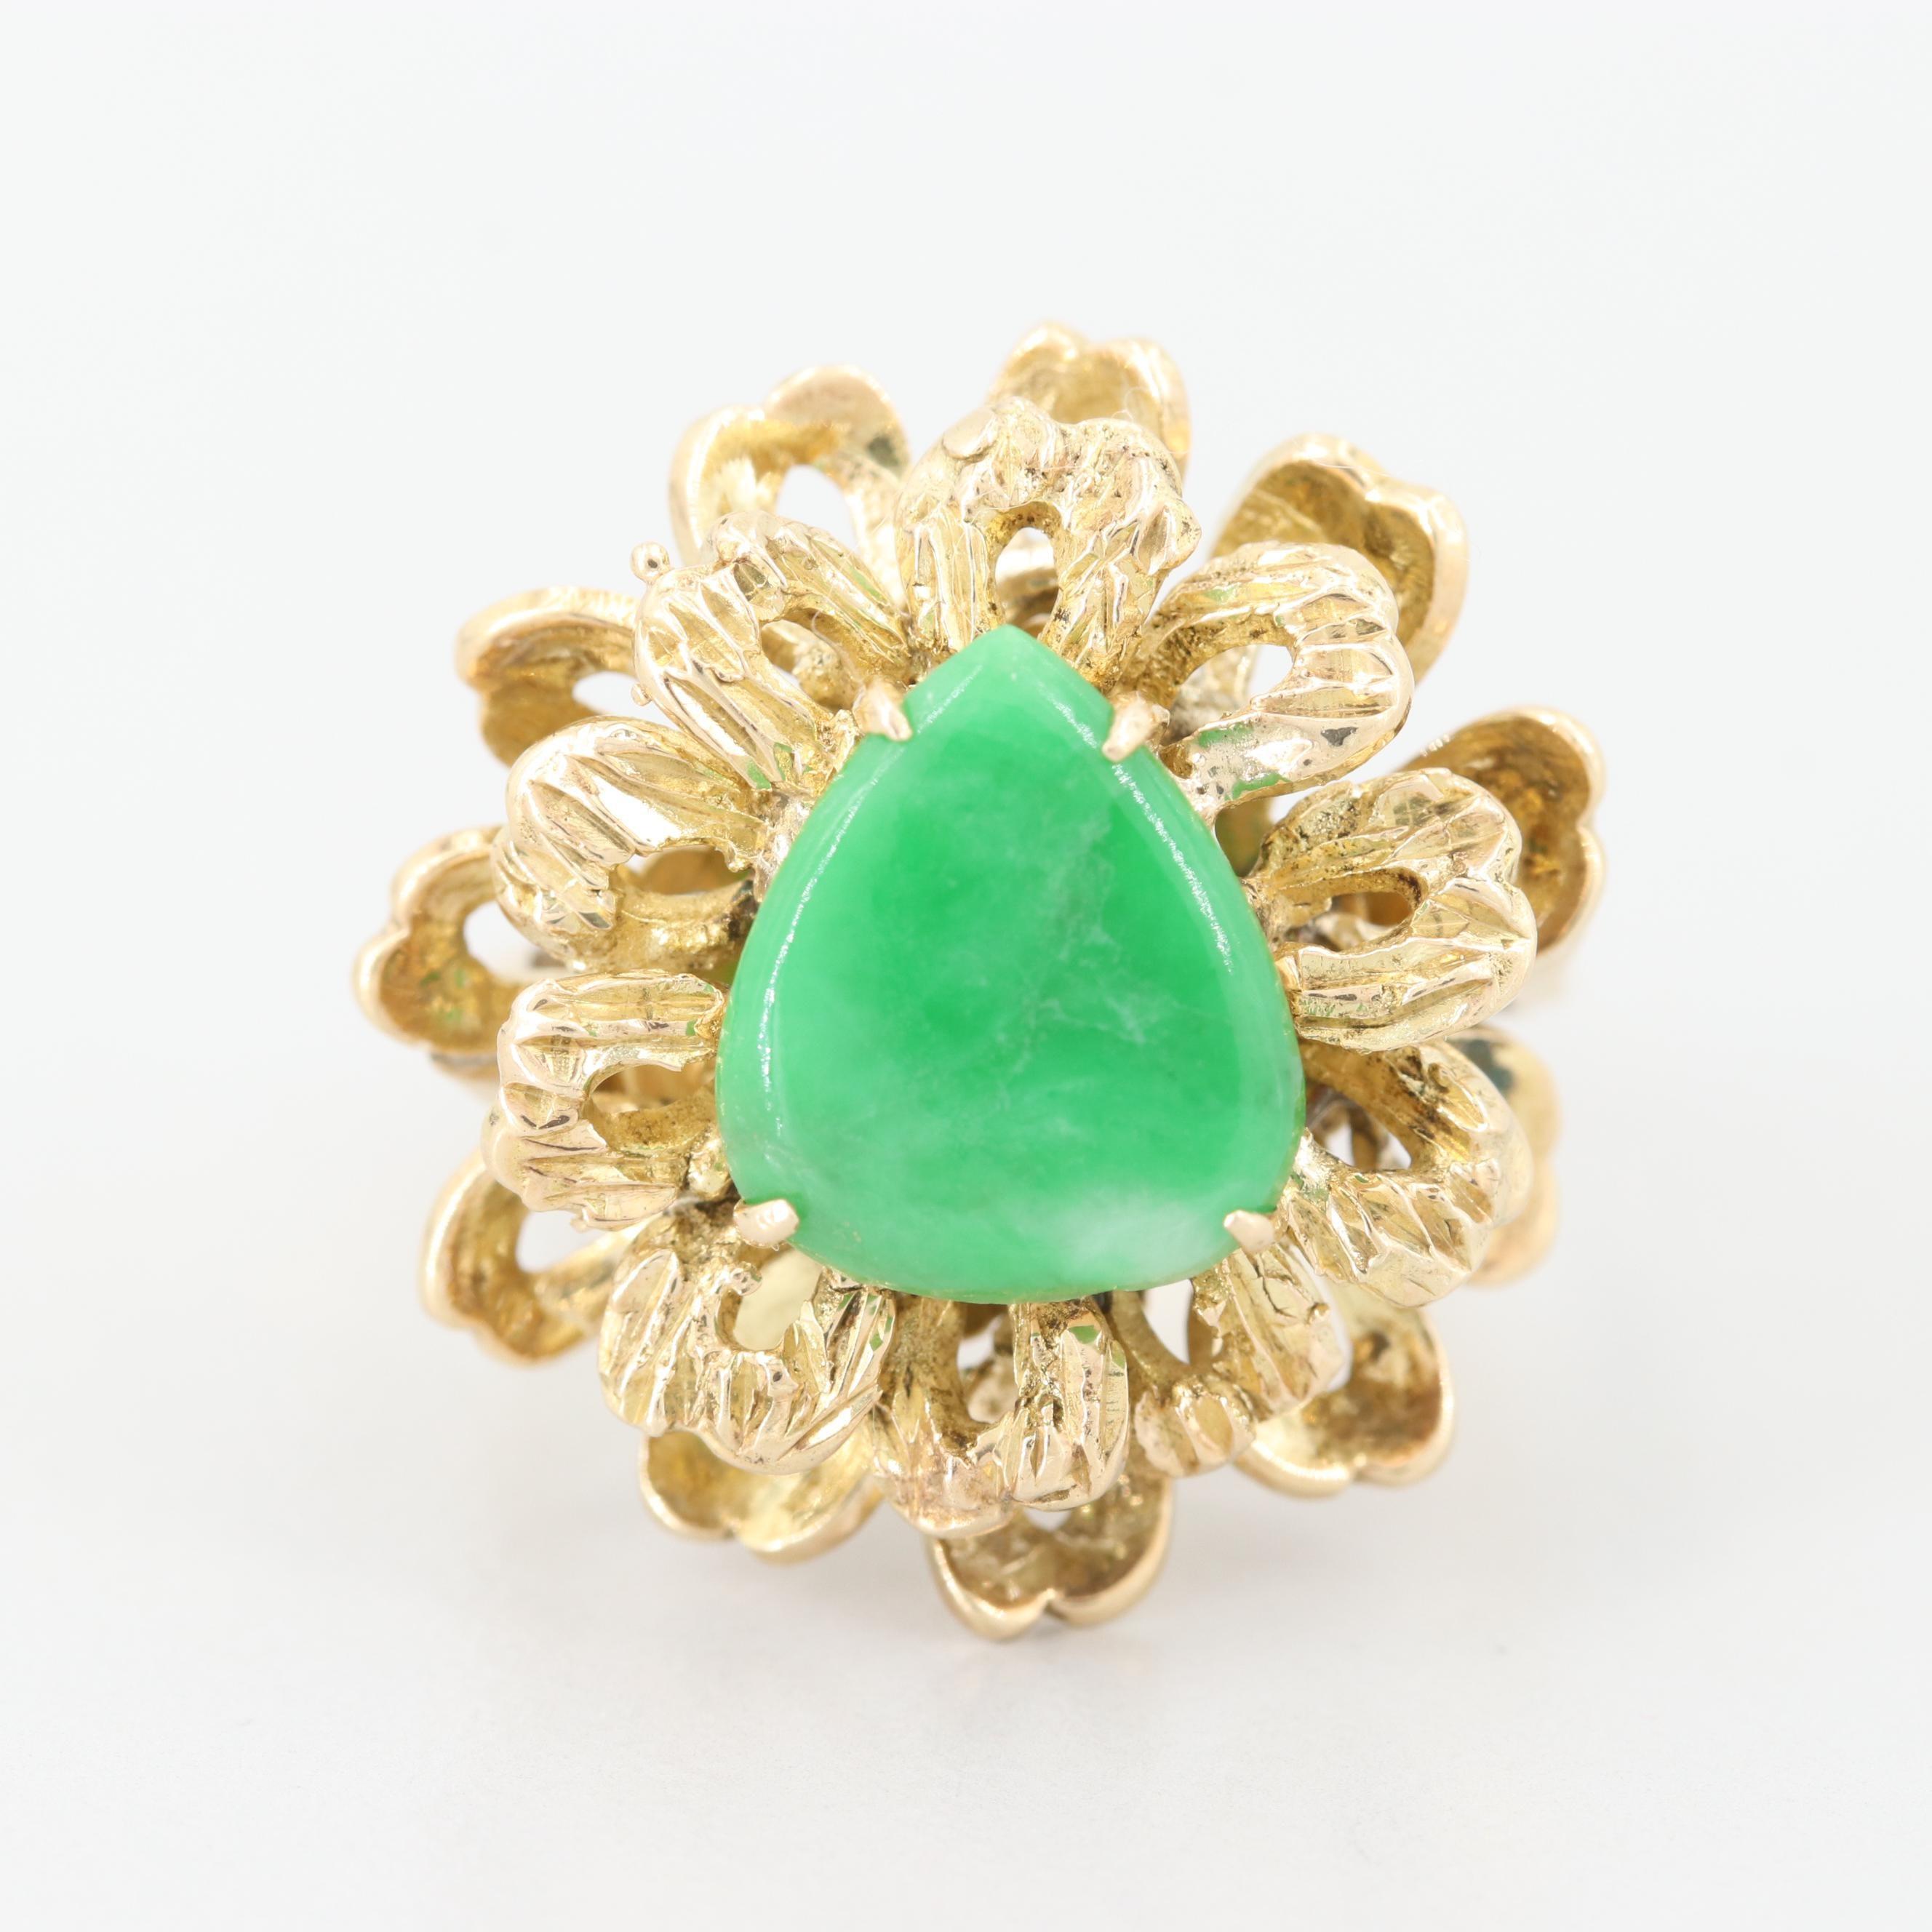 14K Yellow Gold Jadeite Floral Motif Ring